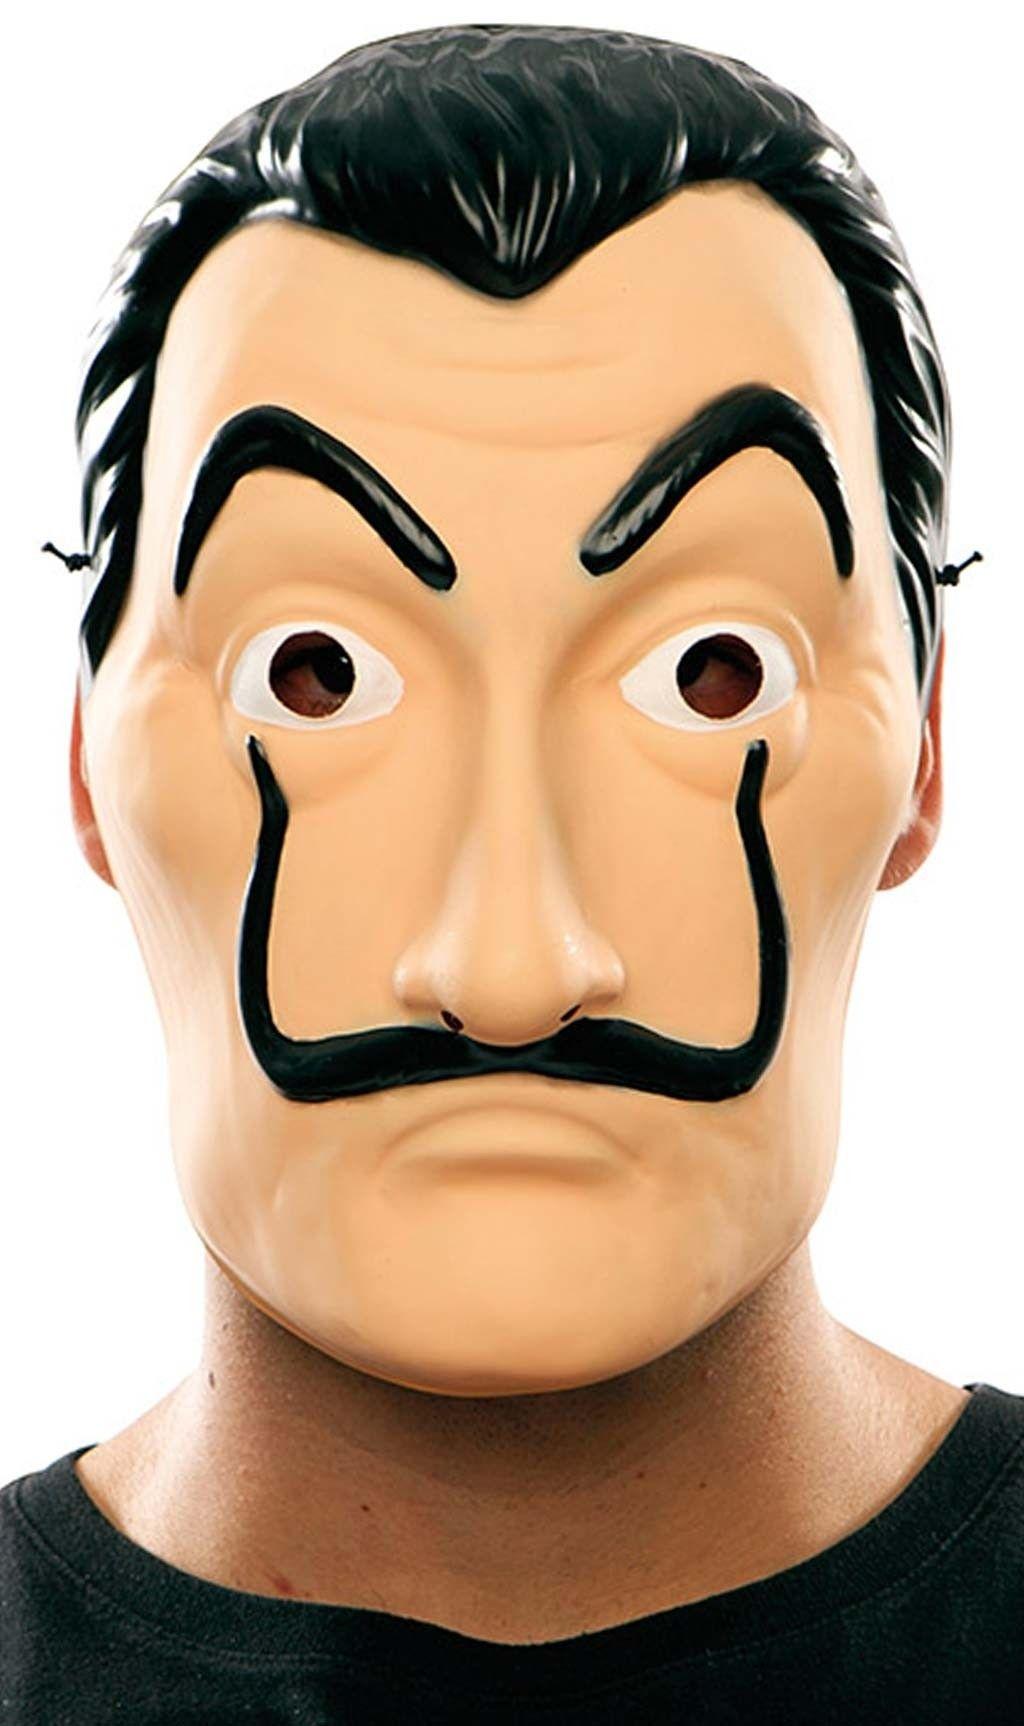 Máscara De Ladrón De La Casa De Papel Las Casas De Papel Sobres De Papel Máscara De Ladrón